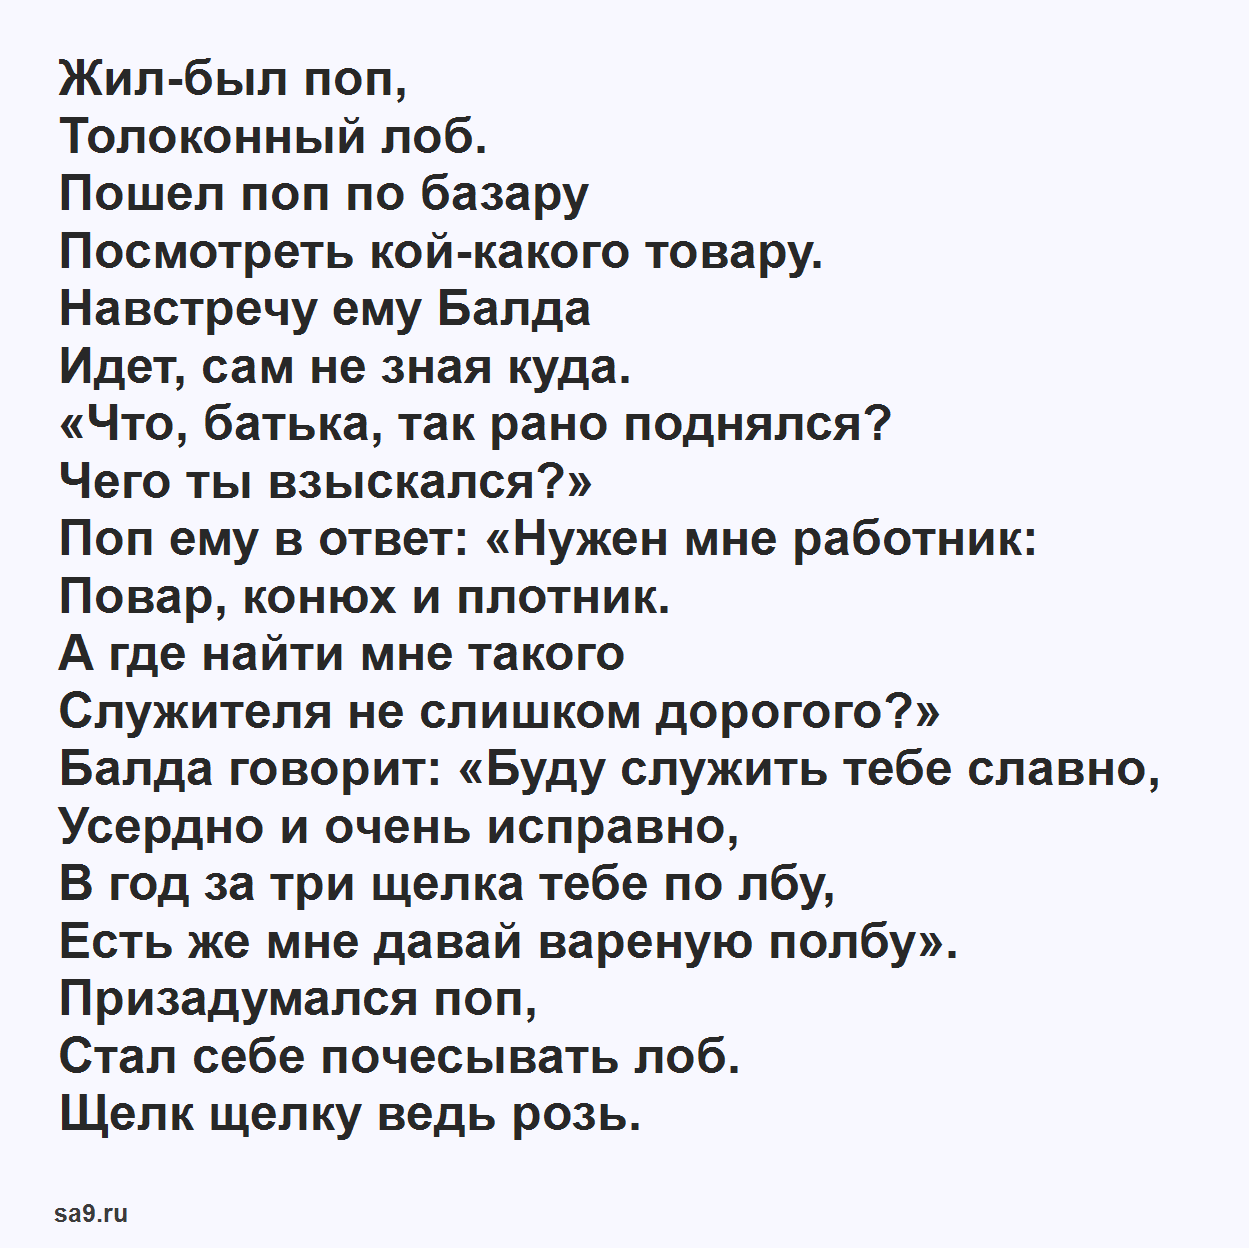 Сказка 'О попе и работнике Балде', Пушкин